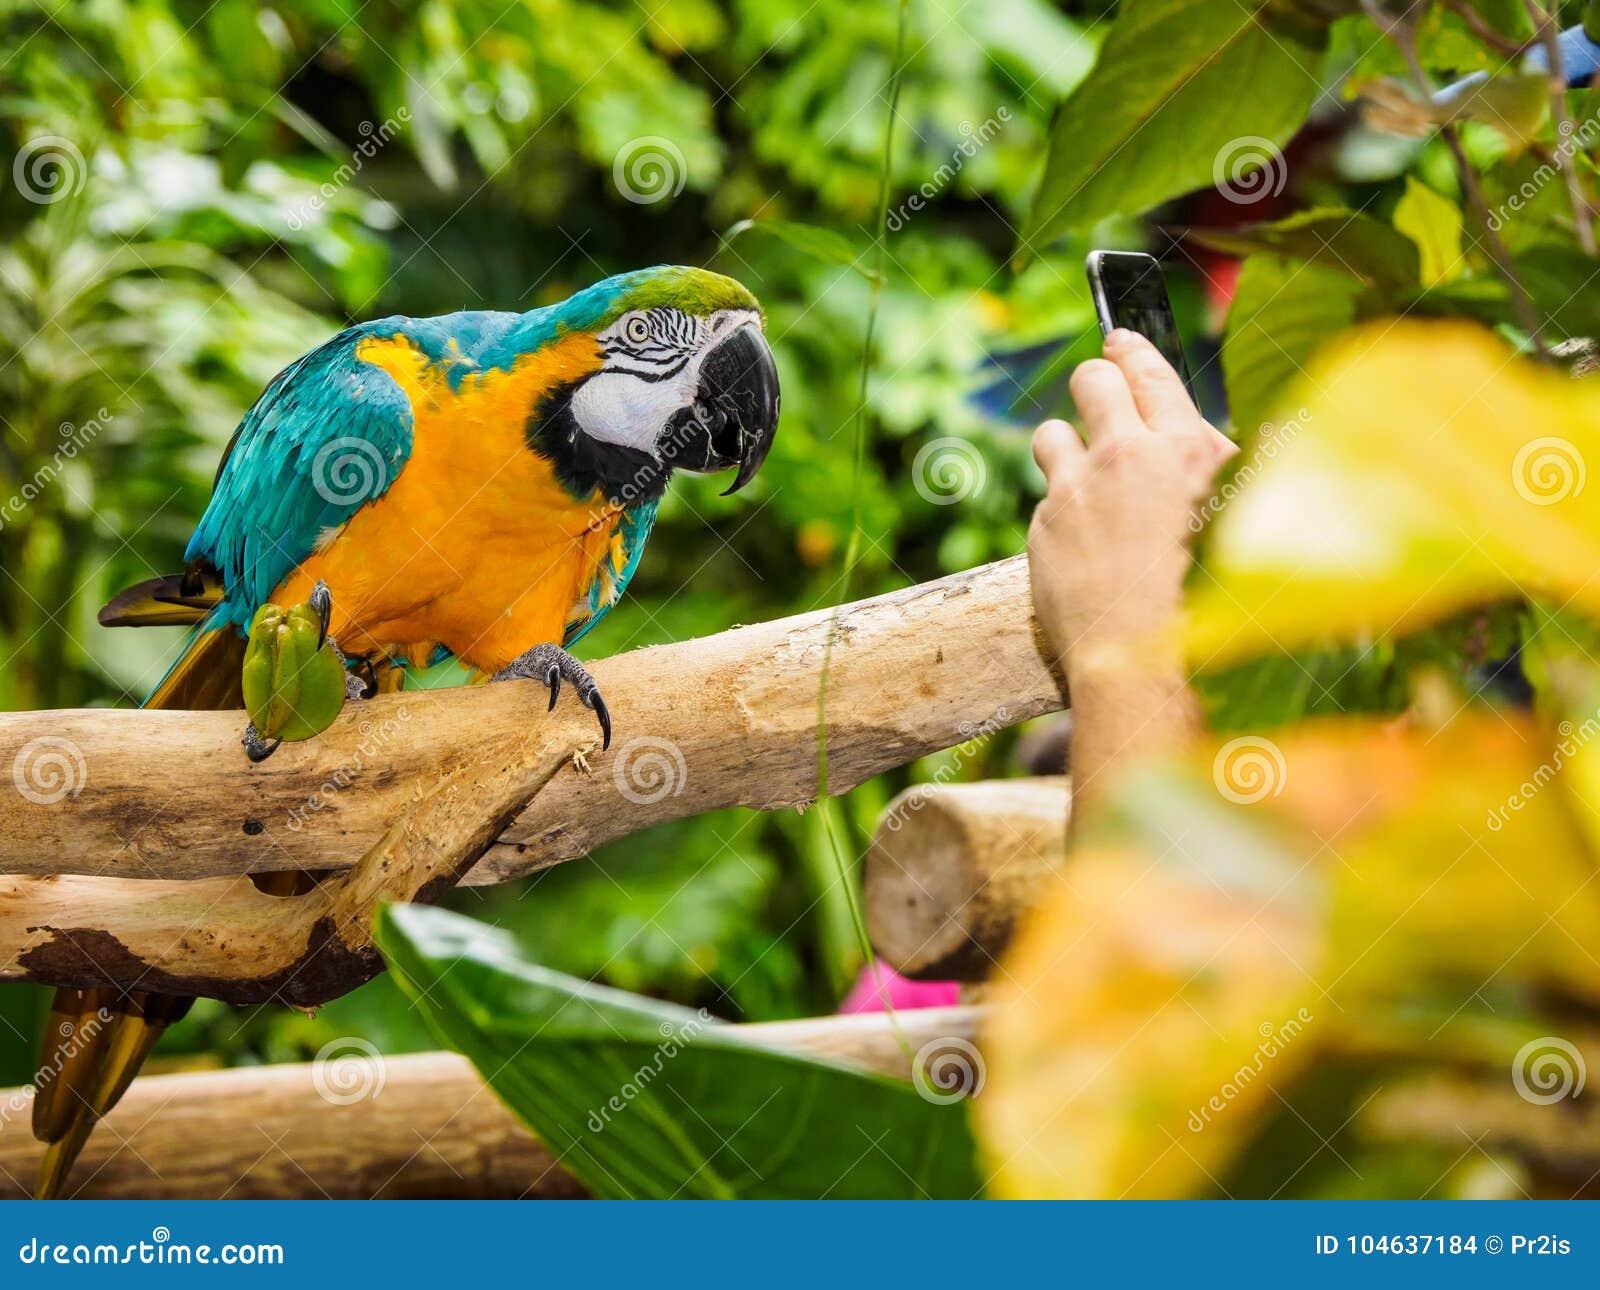 Download Blauw-en-gele Ara - Ararauna Van Aronskelken Stock Foto - Afbeelding bestaande uit posing, boom: 104637184